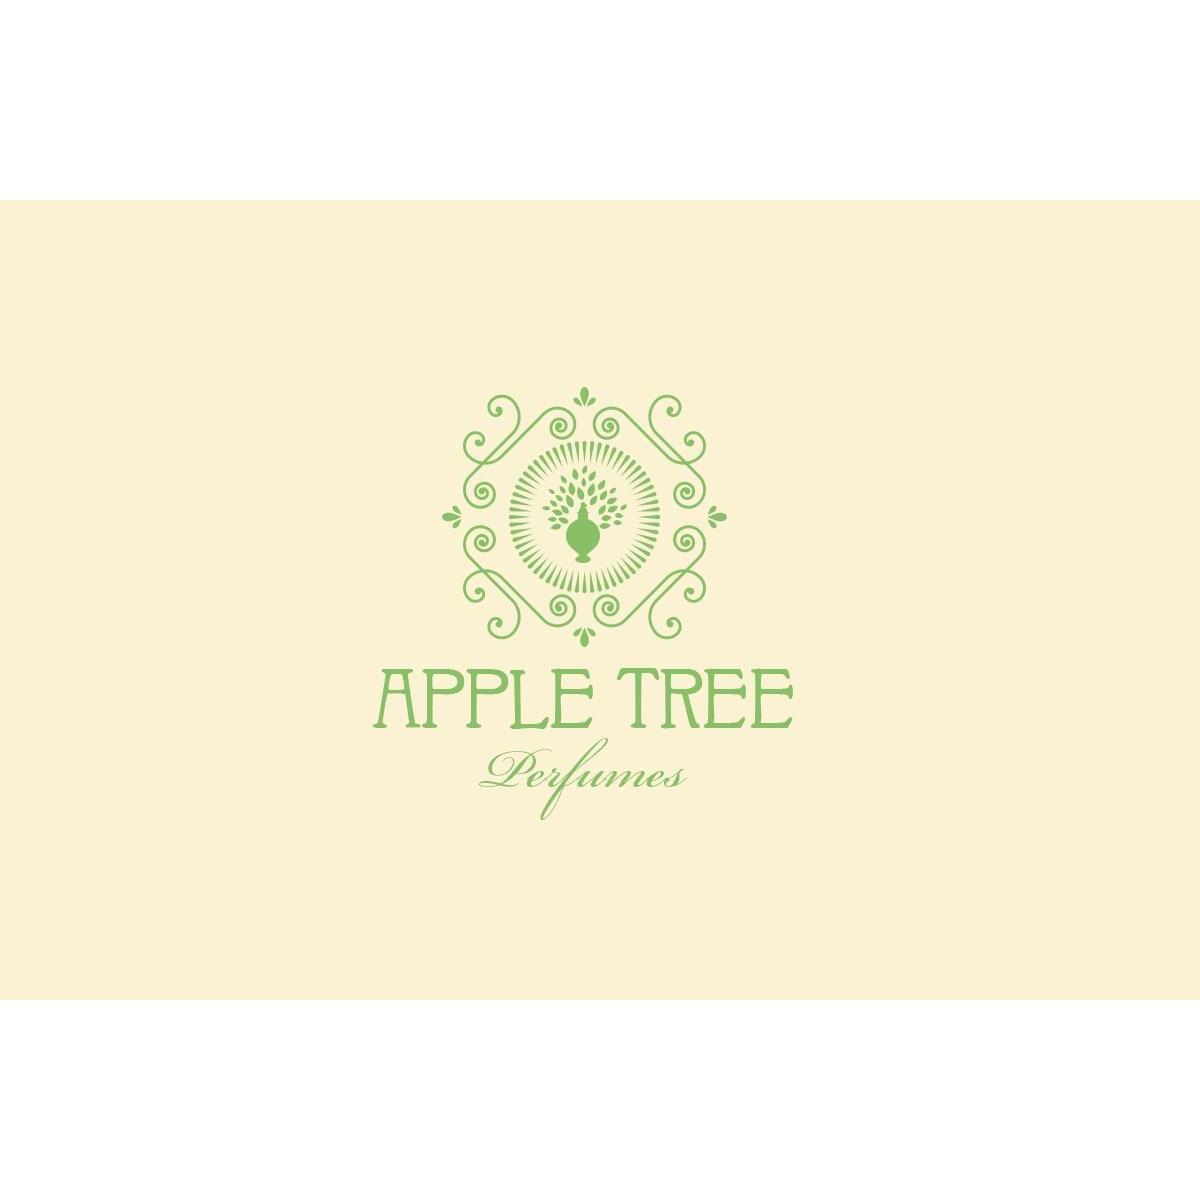 Apple Tree Perfumes